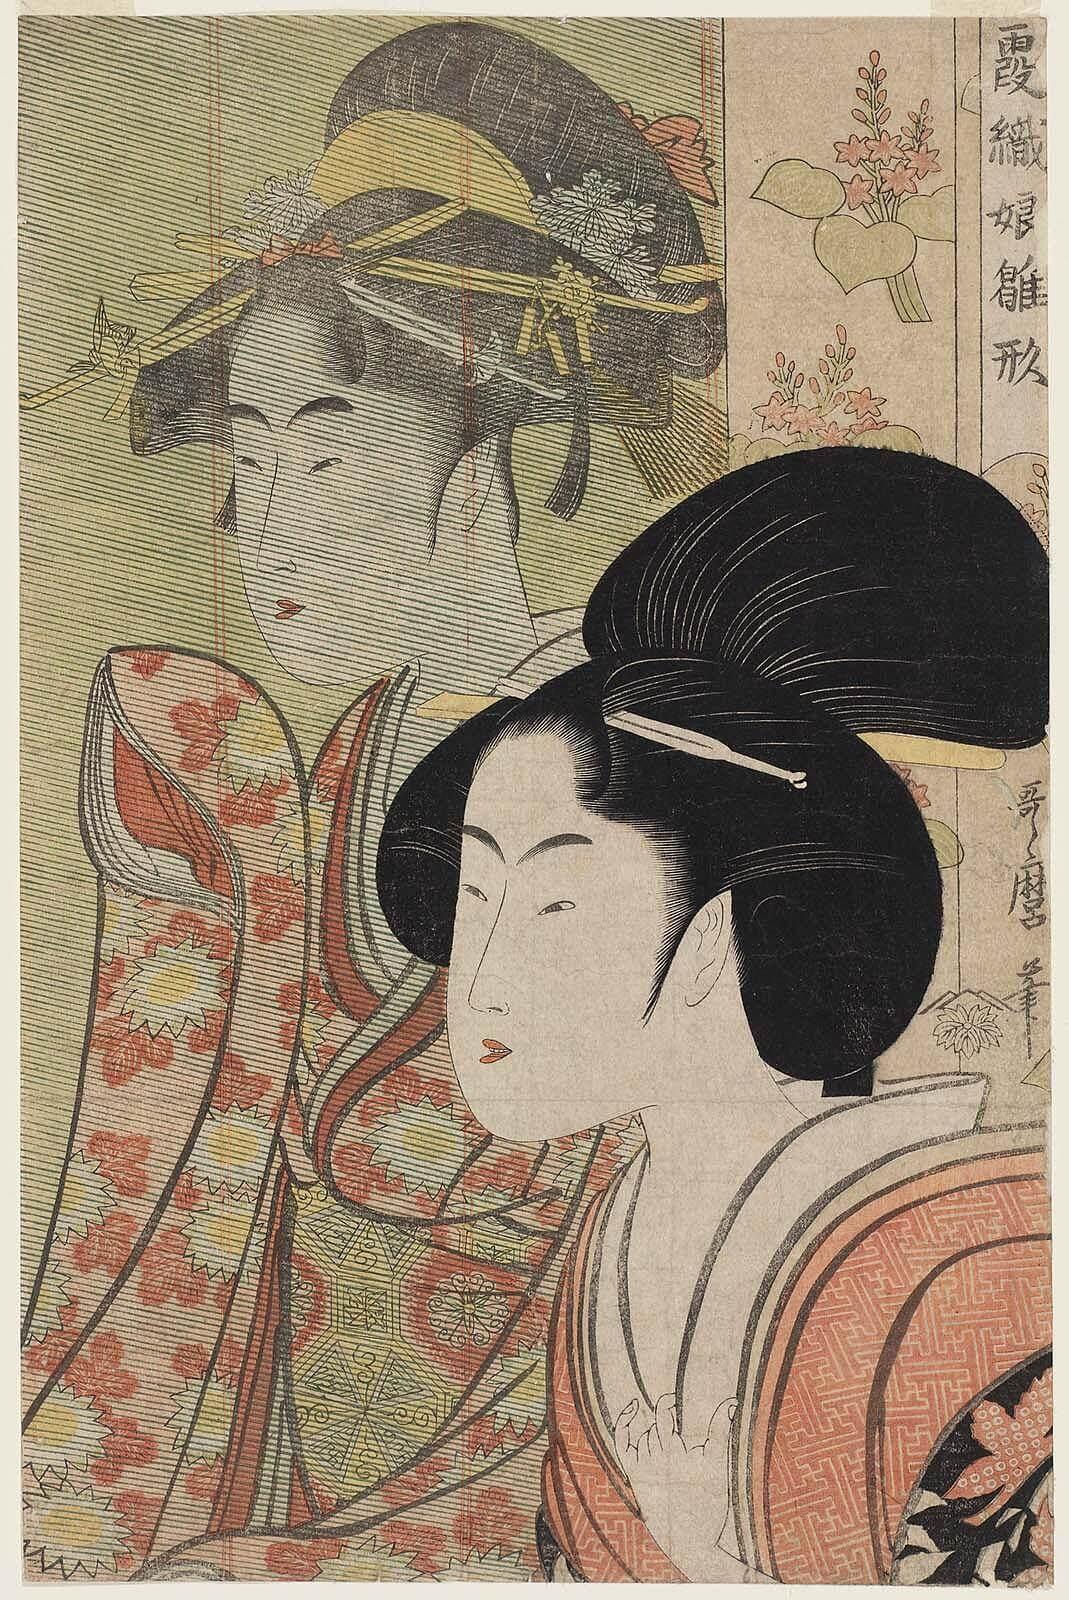 喜多川歌麿『霞織娘雛型すだれのかげ』